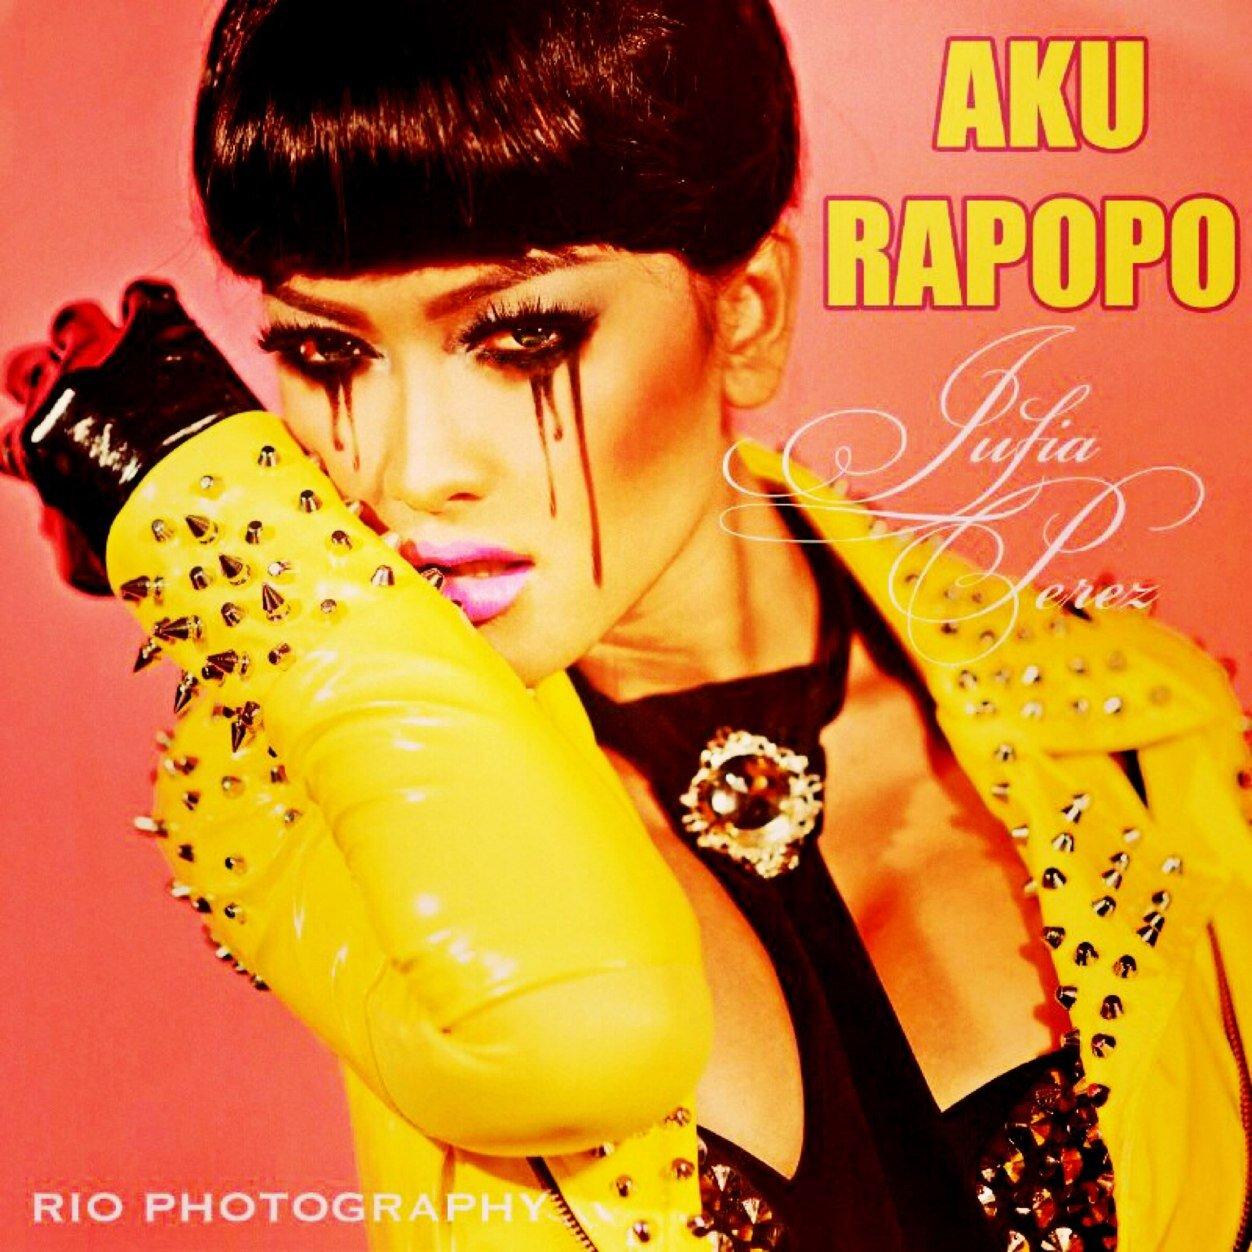 Julia Perez - Aku Rapopo [image by @juliaperrez]